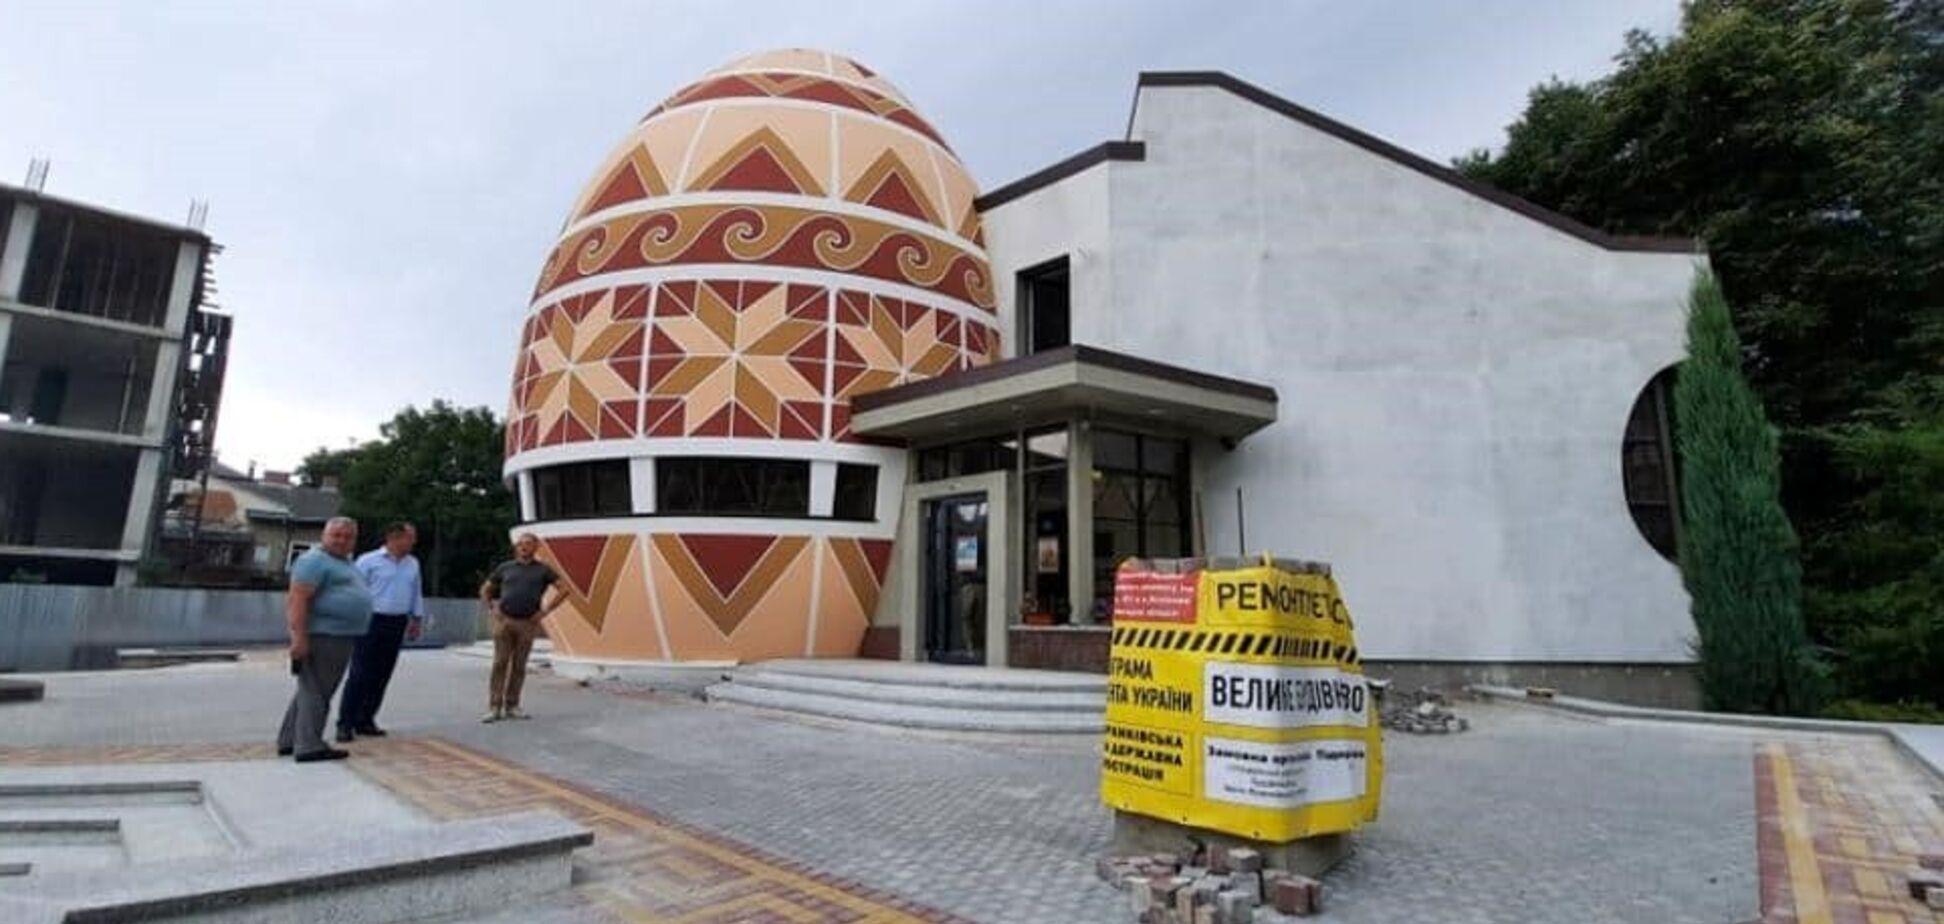 Ко Дню независимости 'Большая стройка' капитально отремонтирует Музей писанки в Коломые